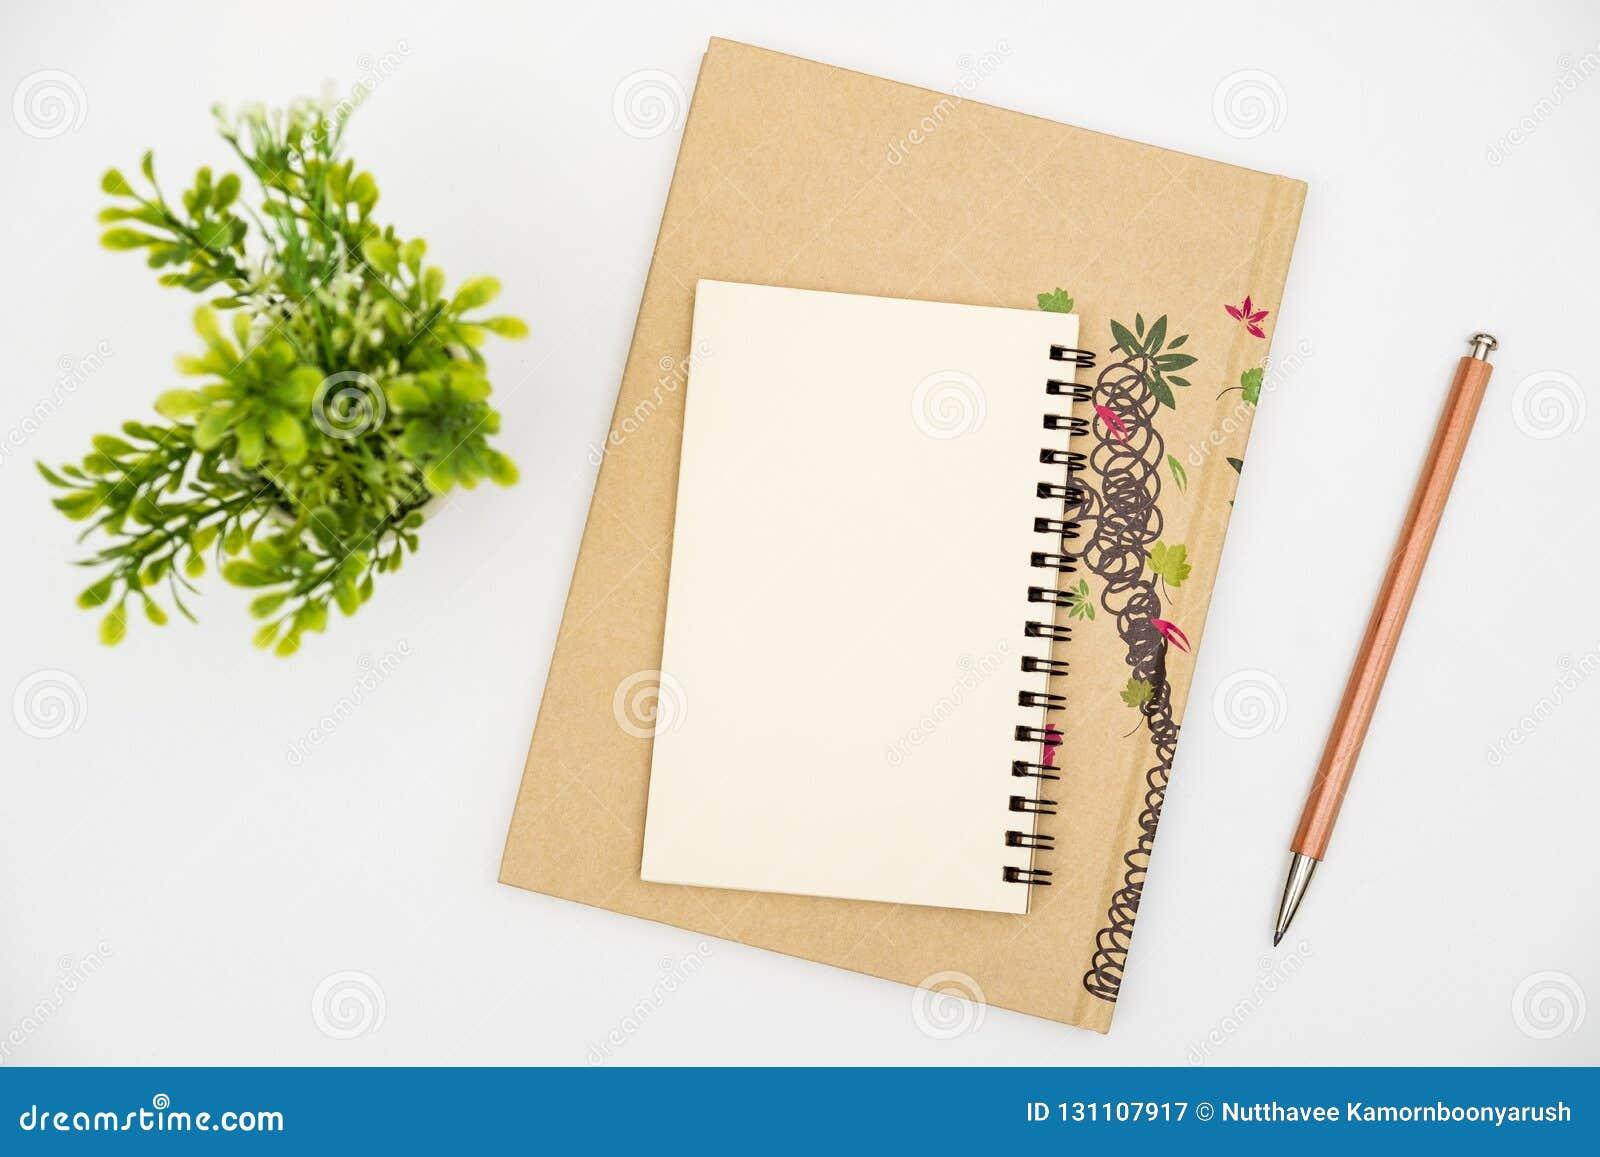 Spitzenansichtnotizbuch mit Farbbleistift auf weißer Tabelle